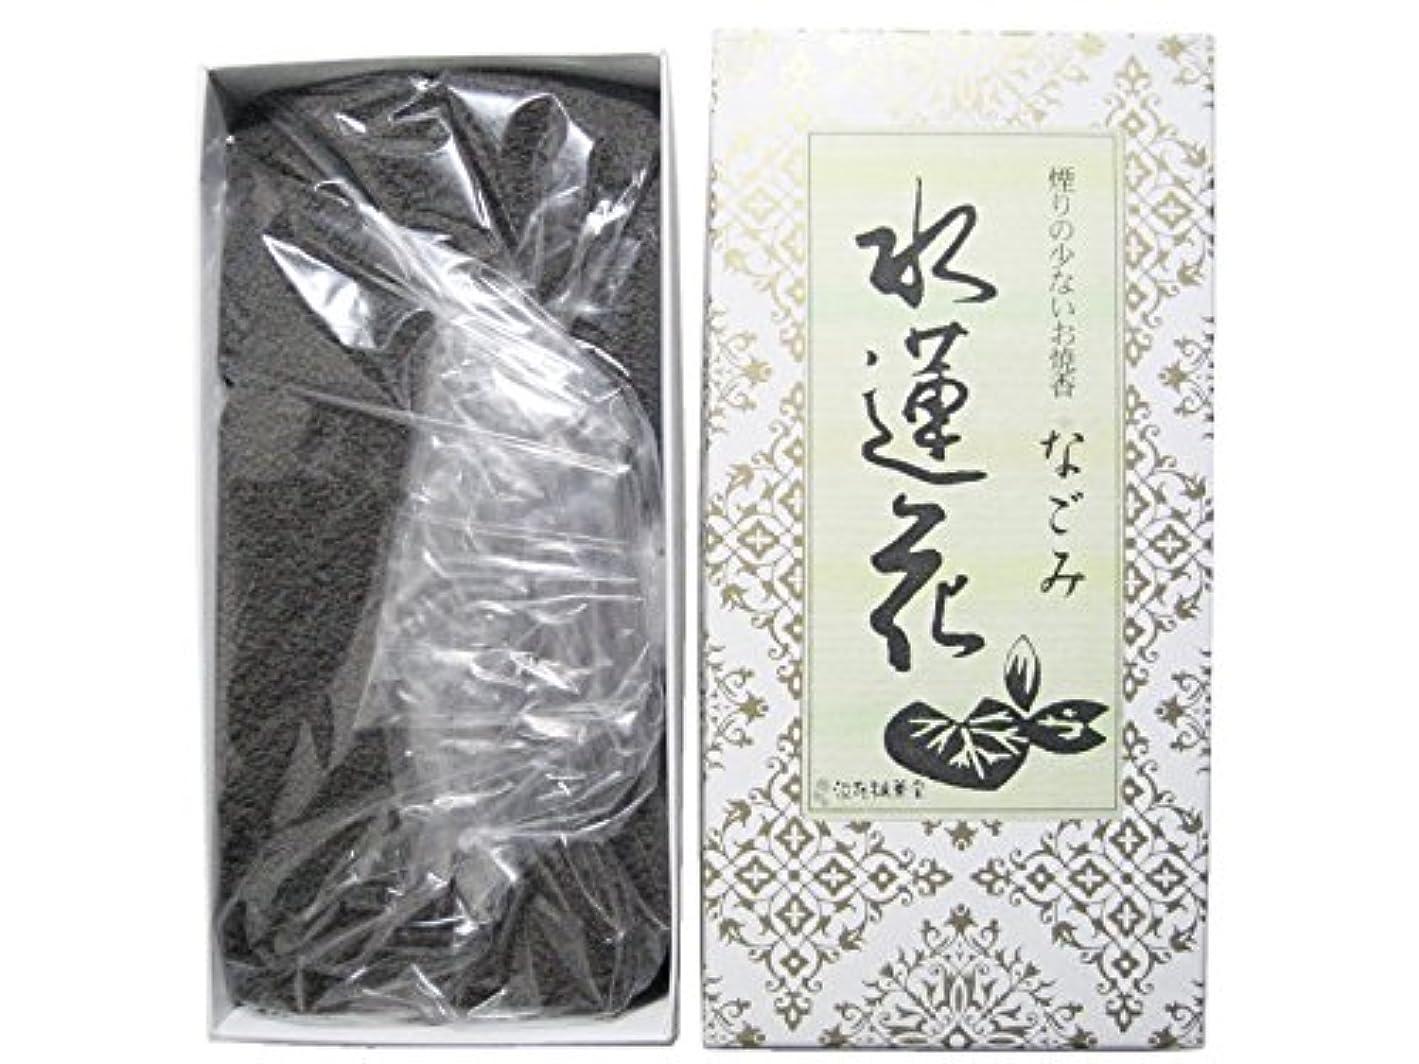 娘かなり状淡路梅薫堂のお香 煙の少ないお焼香 なごみ 水蓮花 500g×5箱 #931